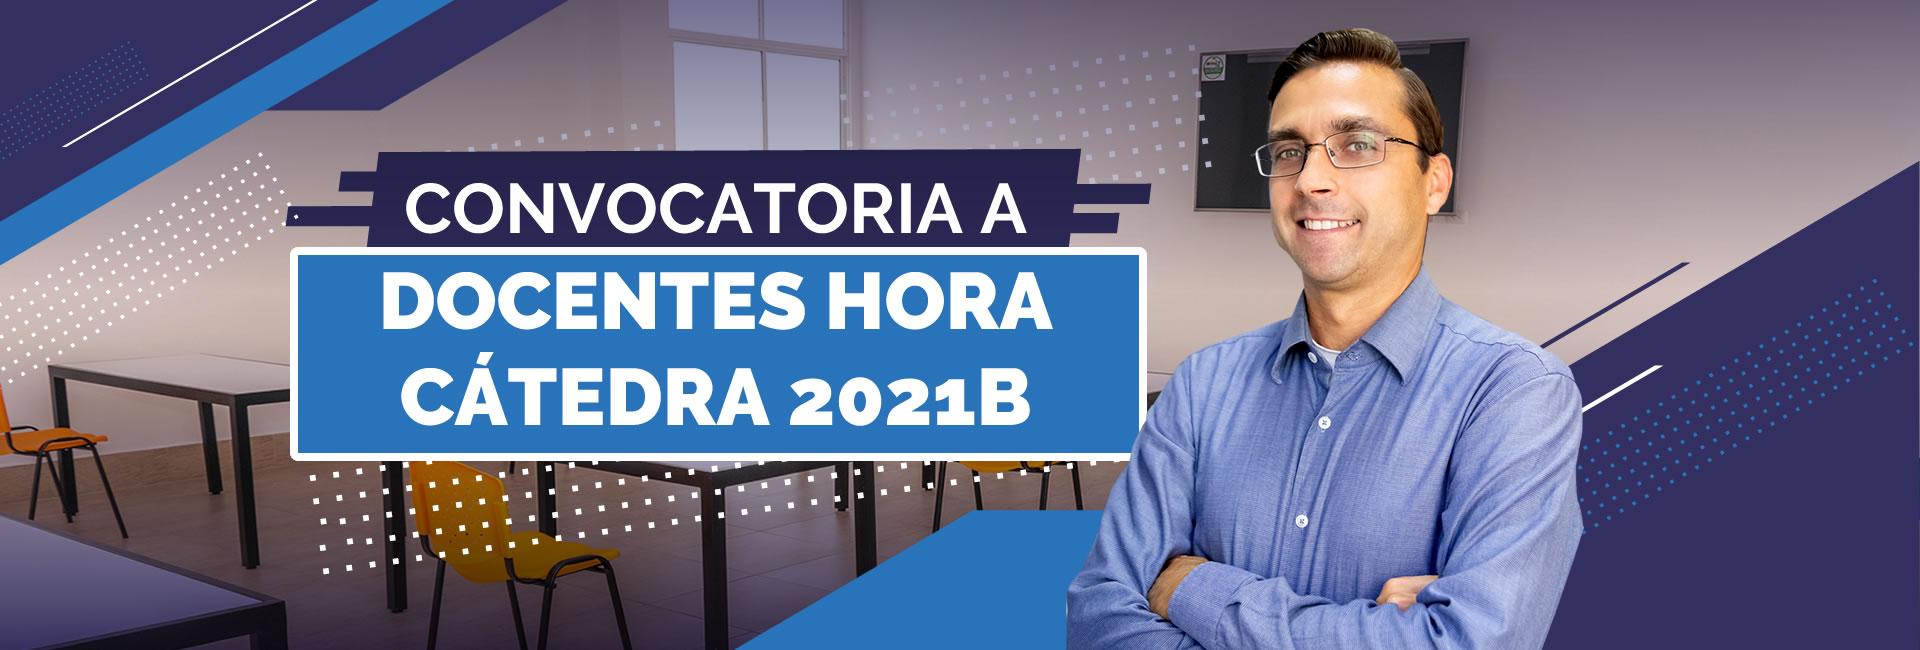 CONVOCATORIA CONCURSO DE MÉRITOS 02